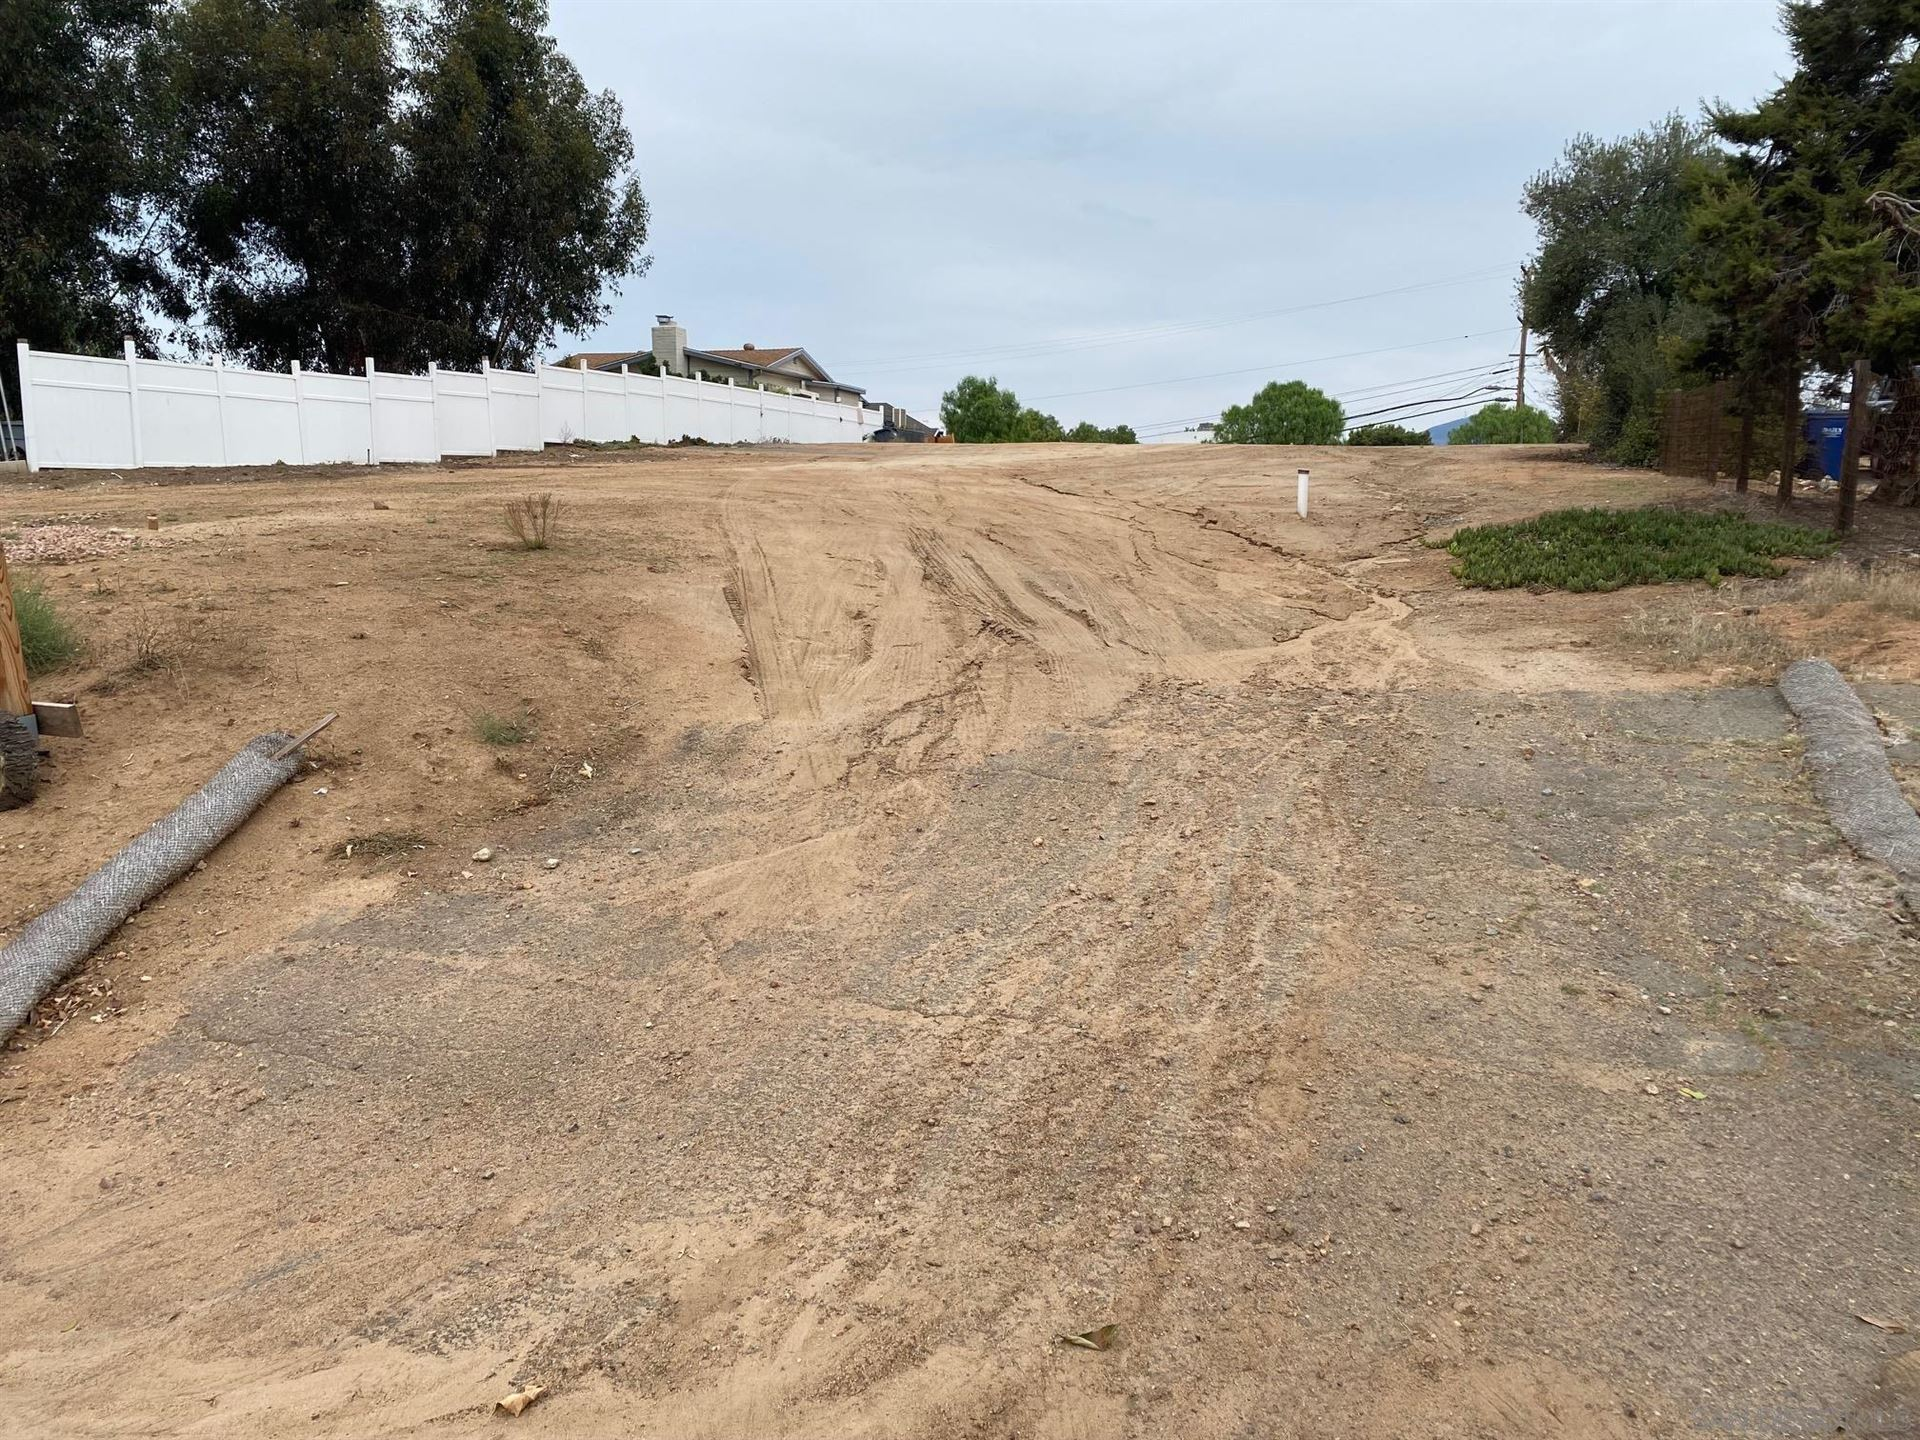 Photo of 0 Willow St, Bonita, CA 91902 (MLS # 210028268)